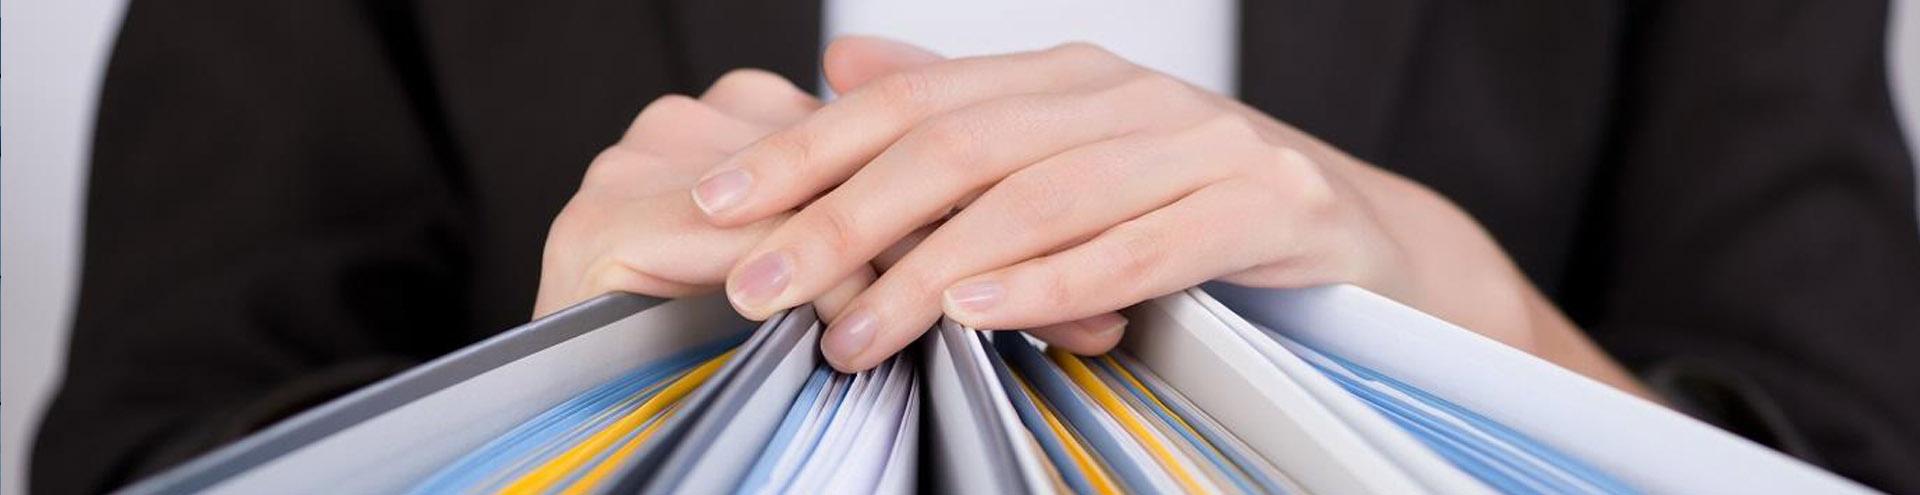 Подготовка арбитражных документов в Пензе и Пензенской области